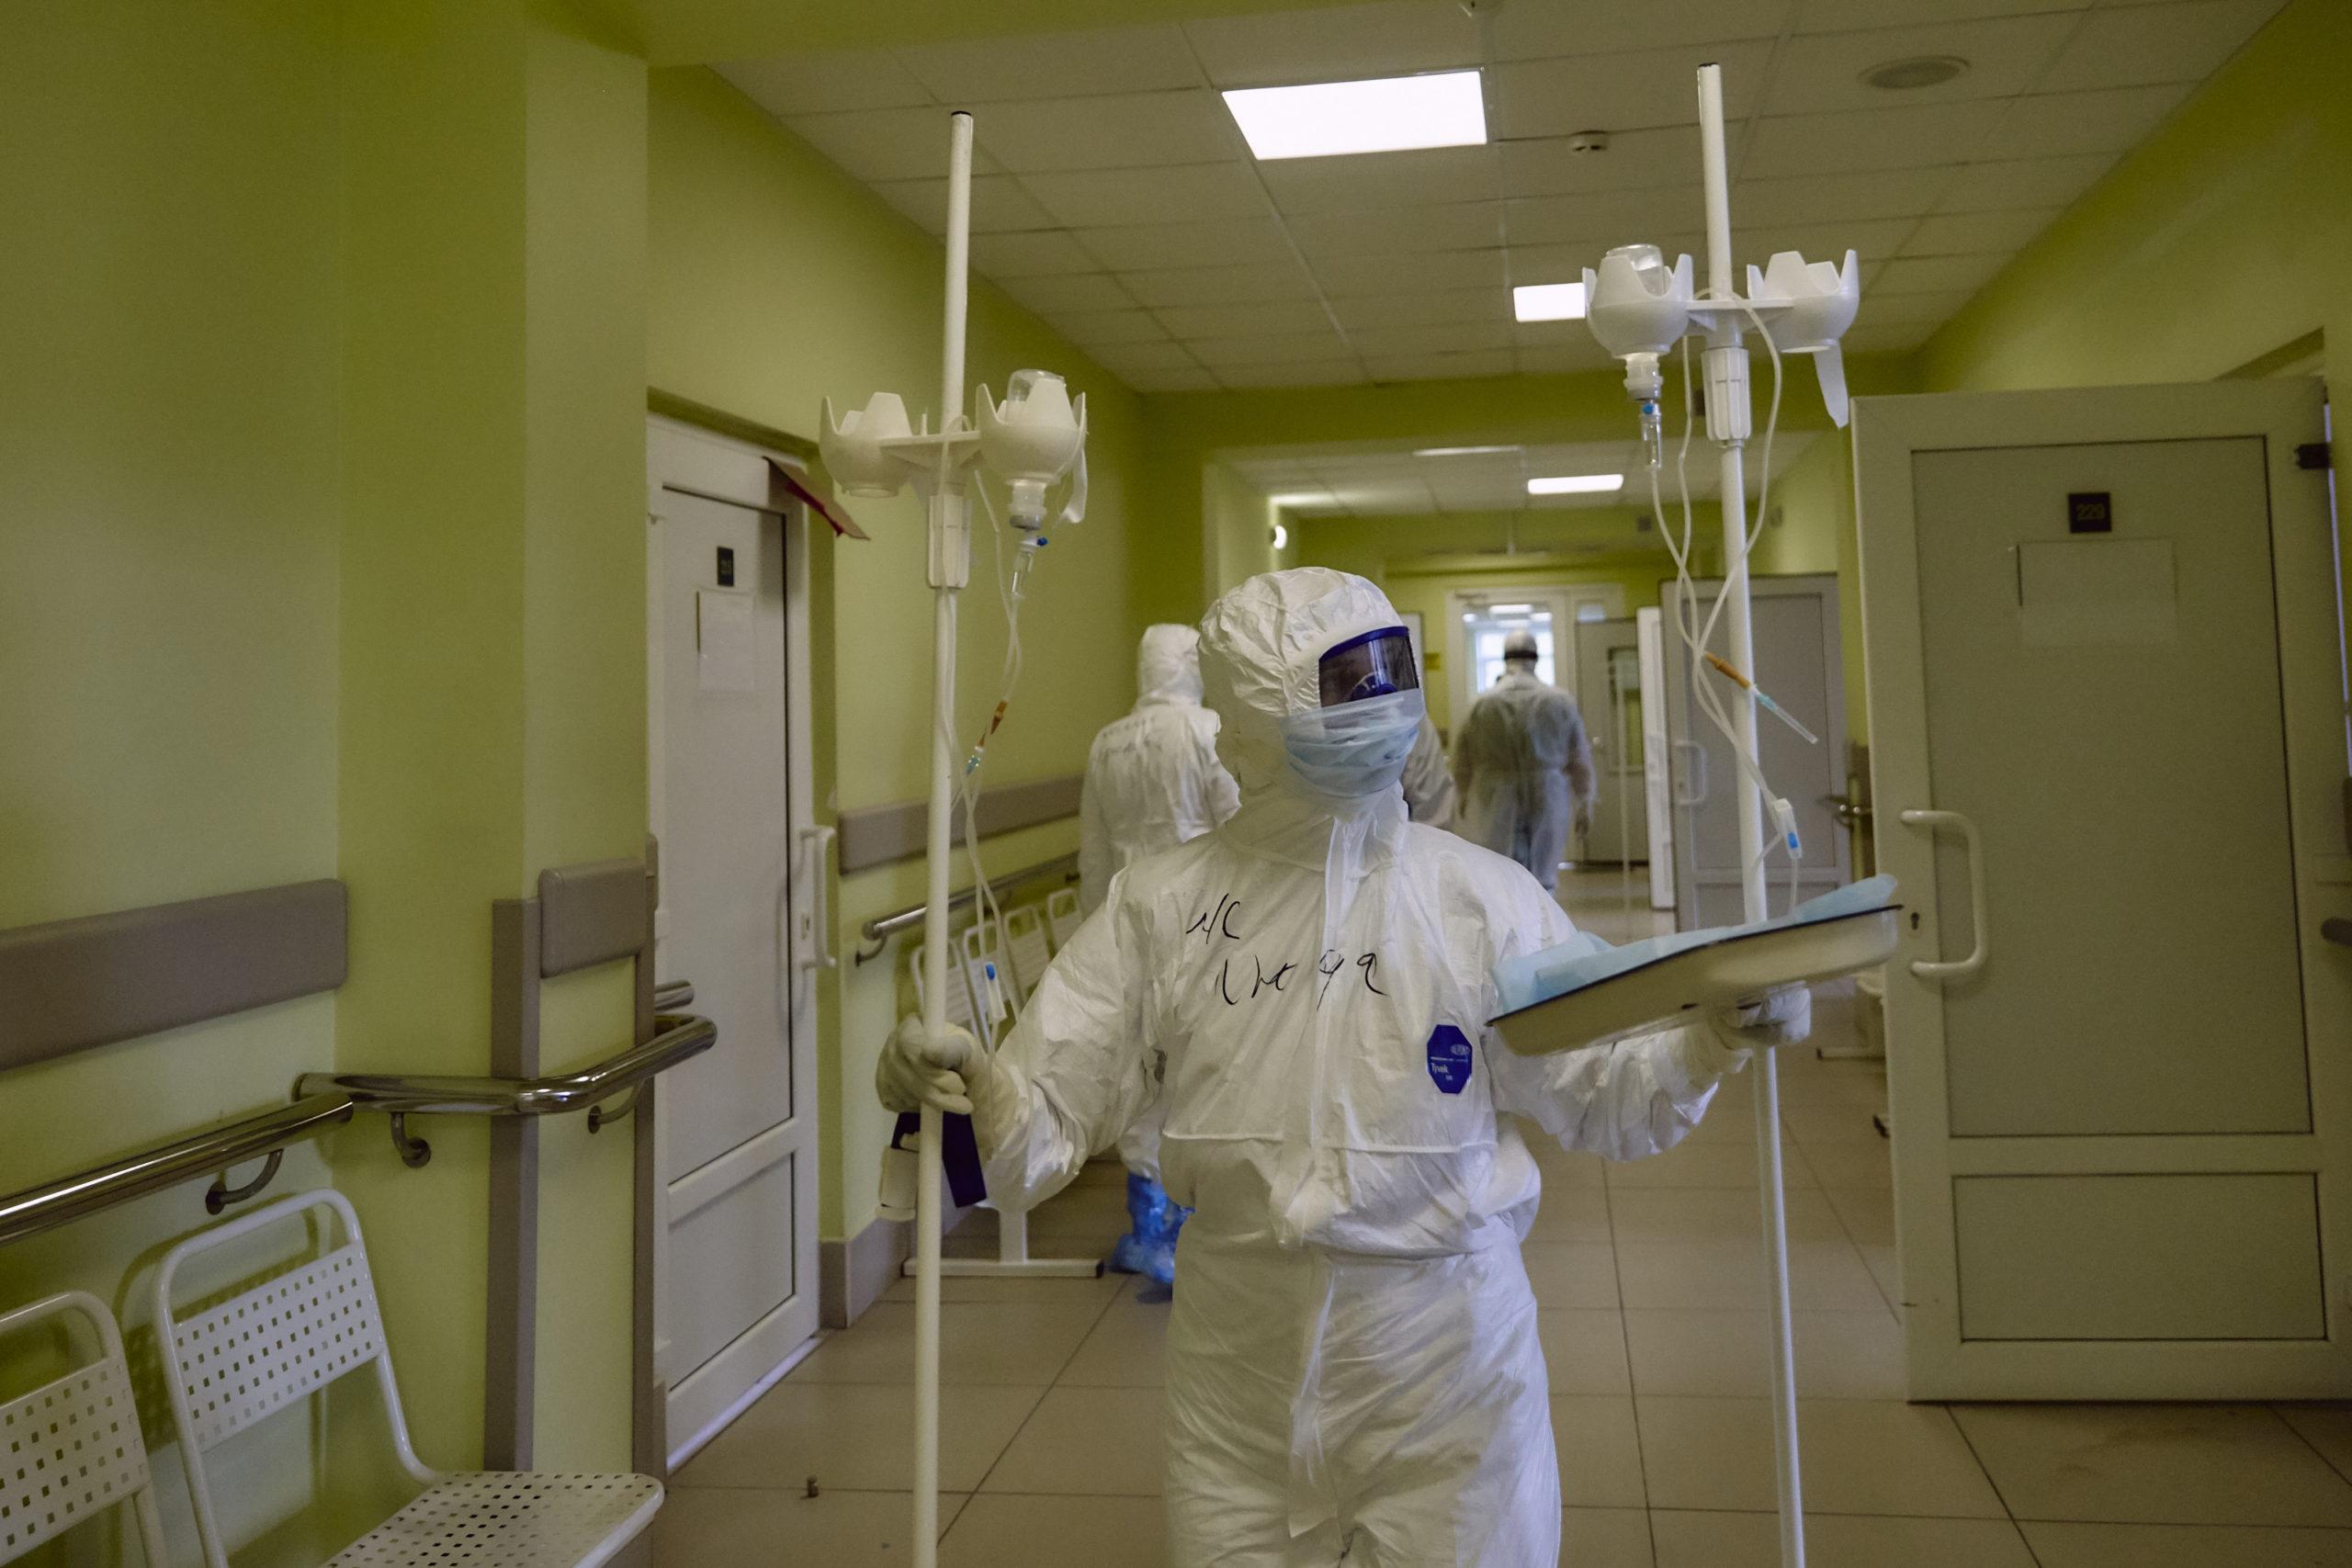 Появились фото из нового корпуса госпиталя для пациентов с коронавирусом на базе тверской ОКБ